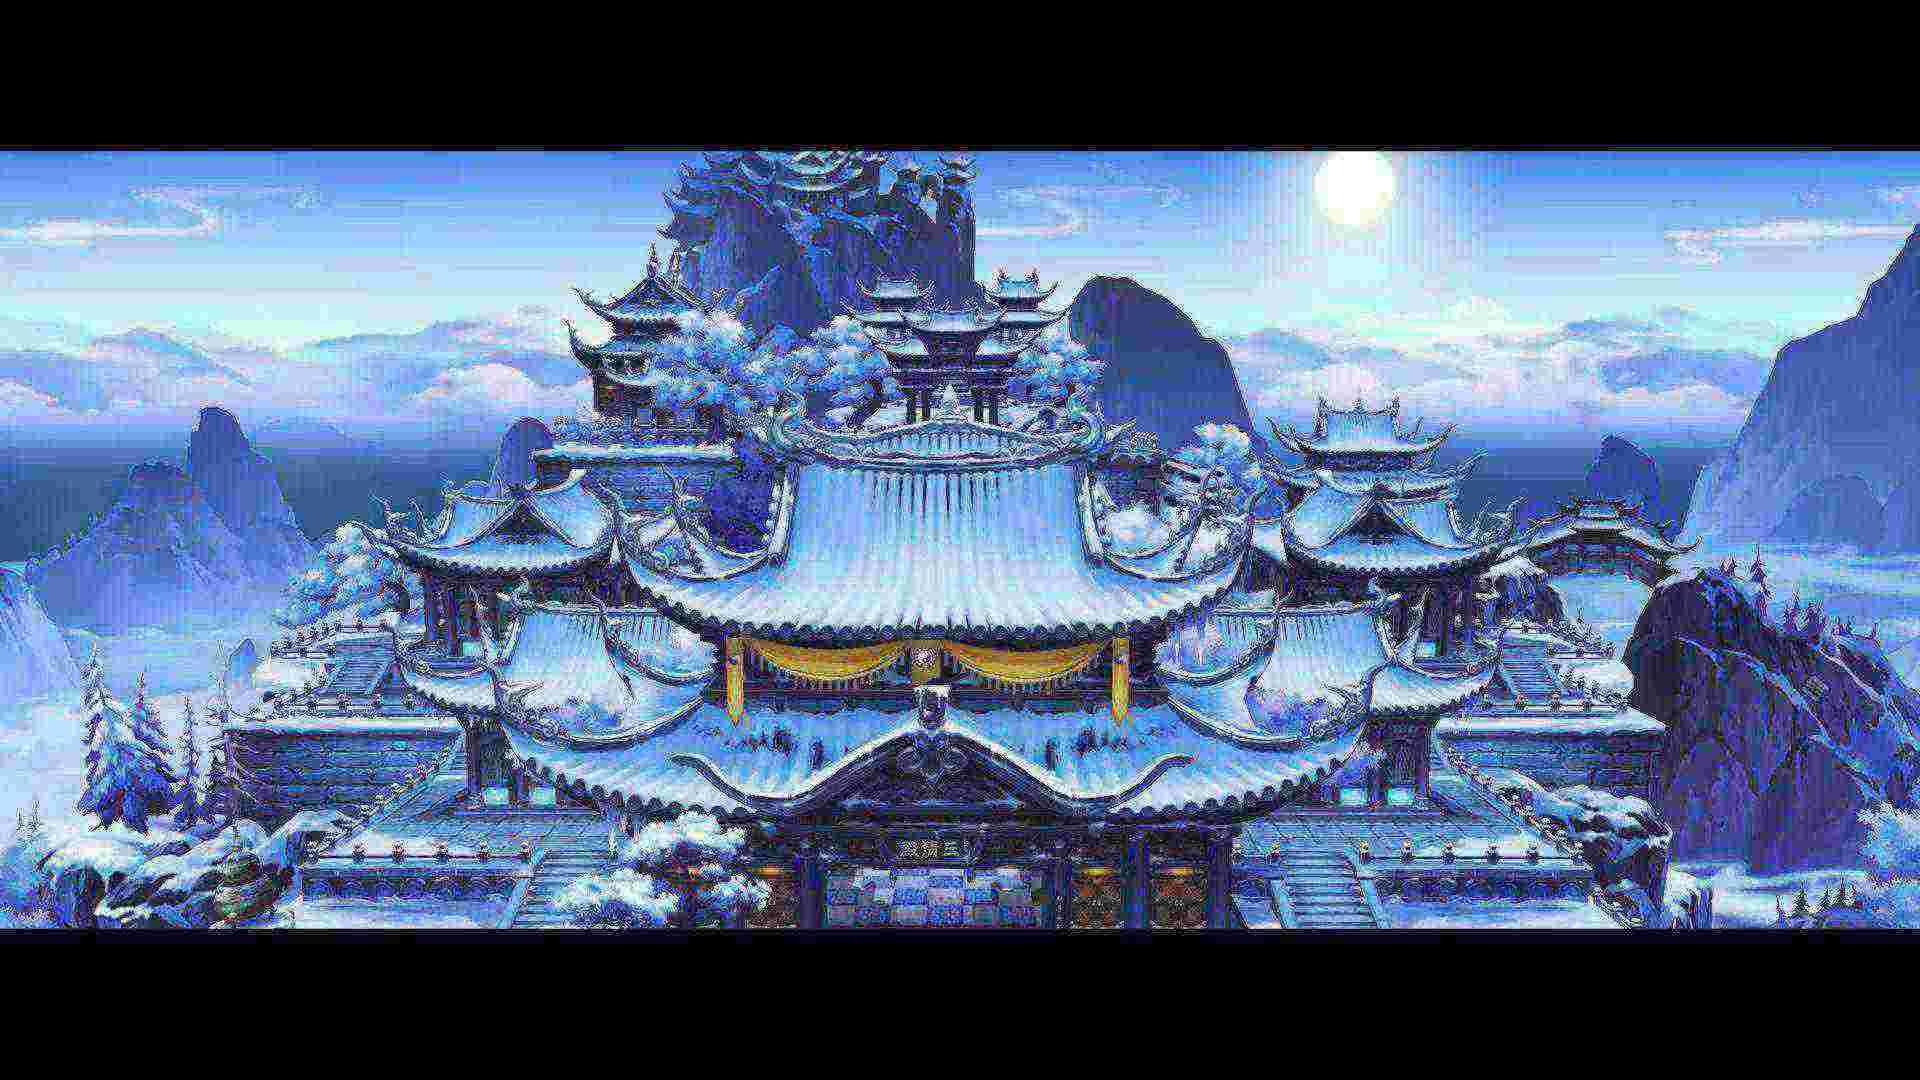 《剑网3:指尖江湖》:谁说国风武侠只看人设画风 指尖江湖圈粉硬核玩家的秘密原来如此